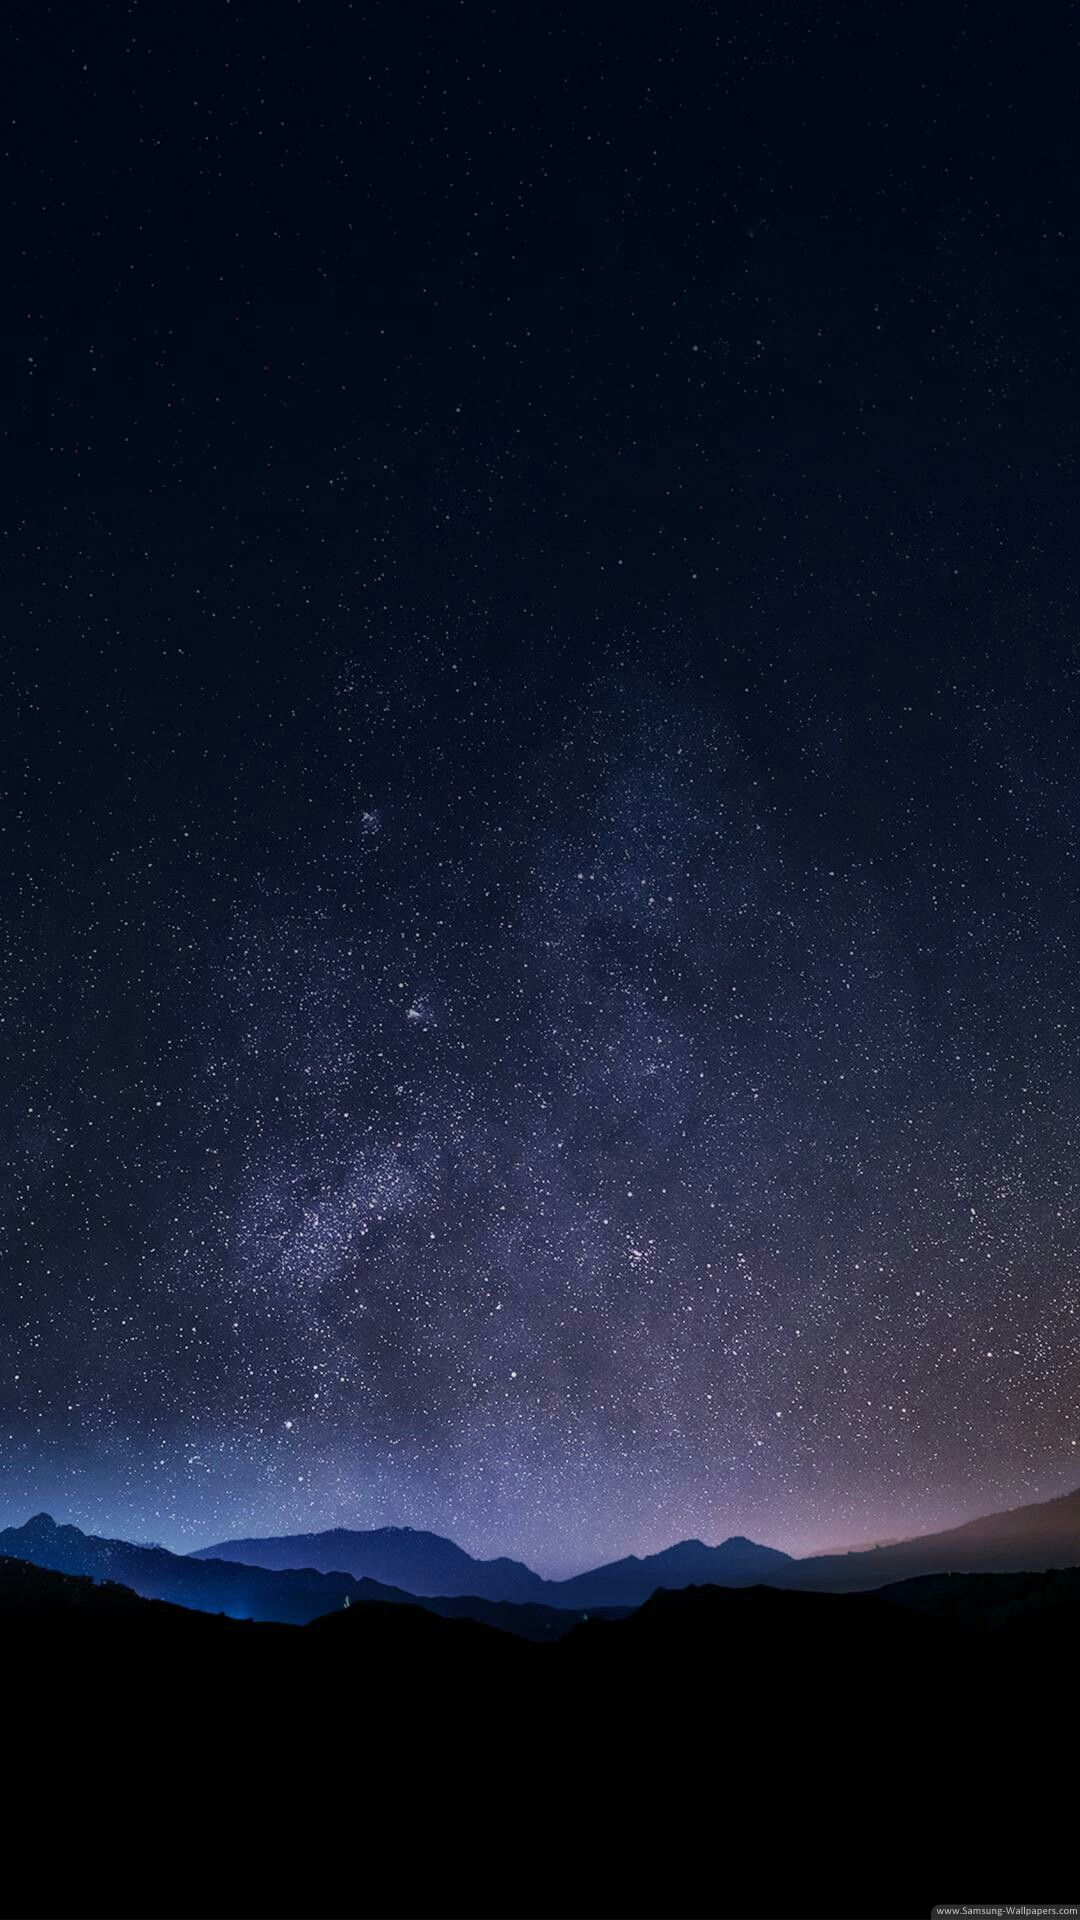 Nexus Wallpapers   Top Nexus Backgrounds   WallpaperAccess 1080x1920